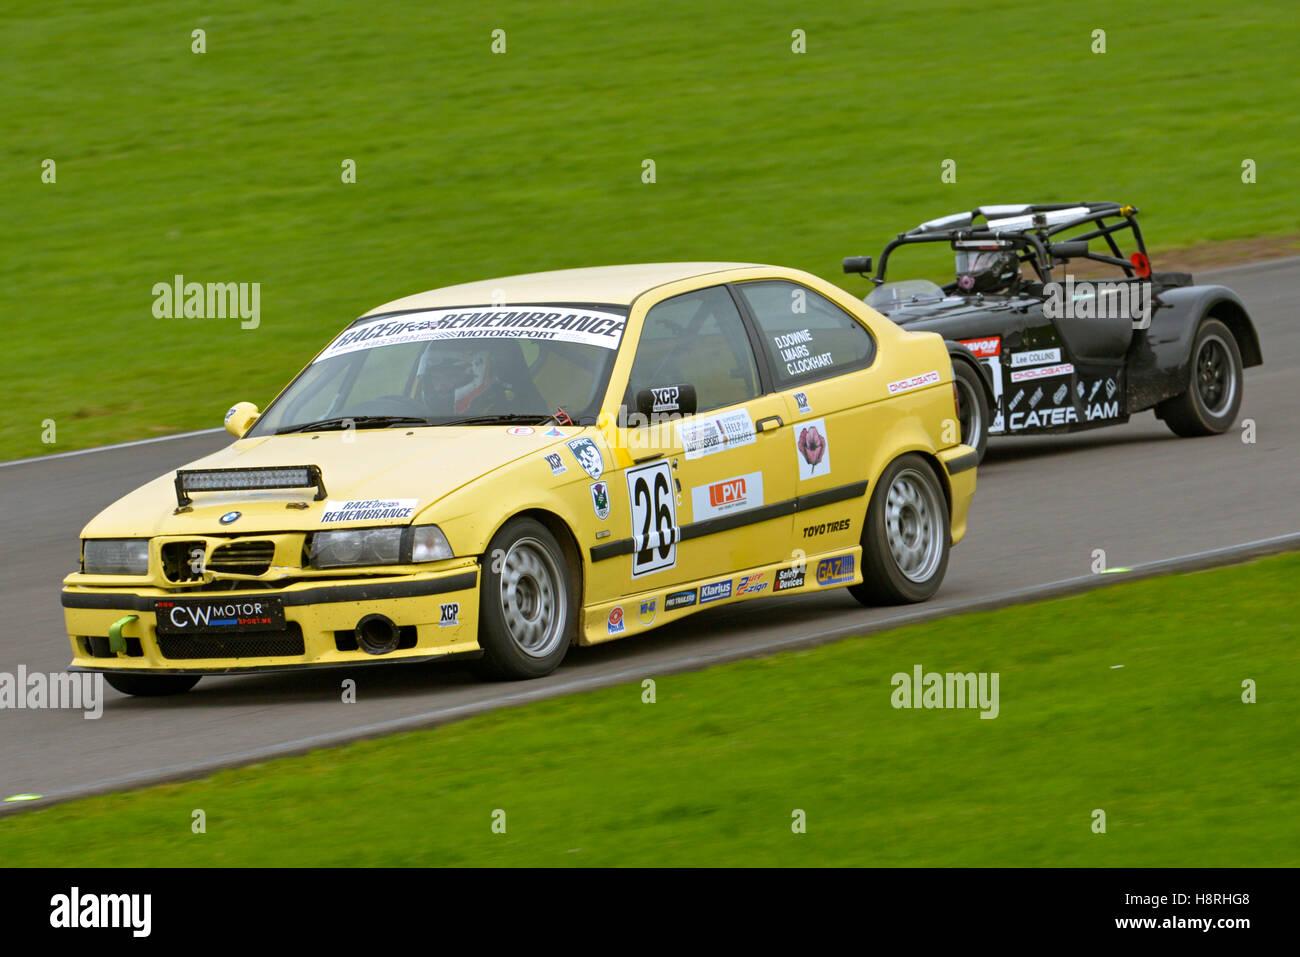 Misión Motor Sport Ty Croes Anglesey, circuito de carreras ,el norte de Gales, Reino Unido. Carrera de recuerdo. Imagen De Stock